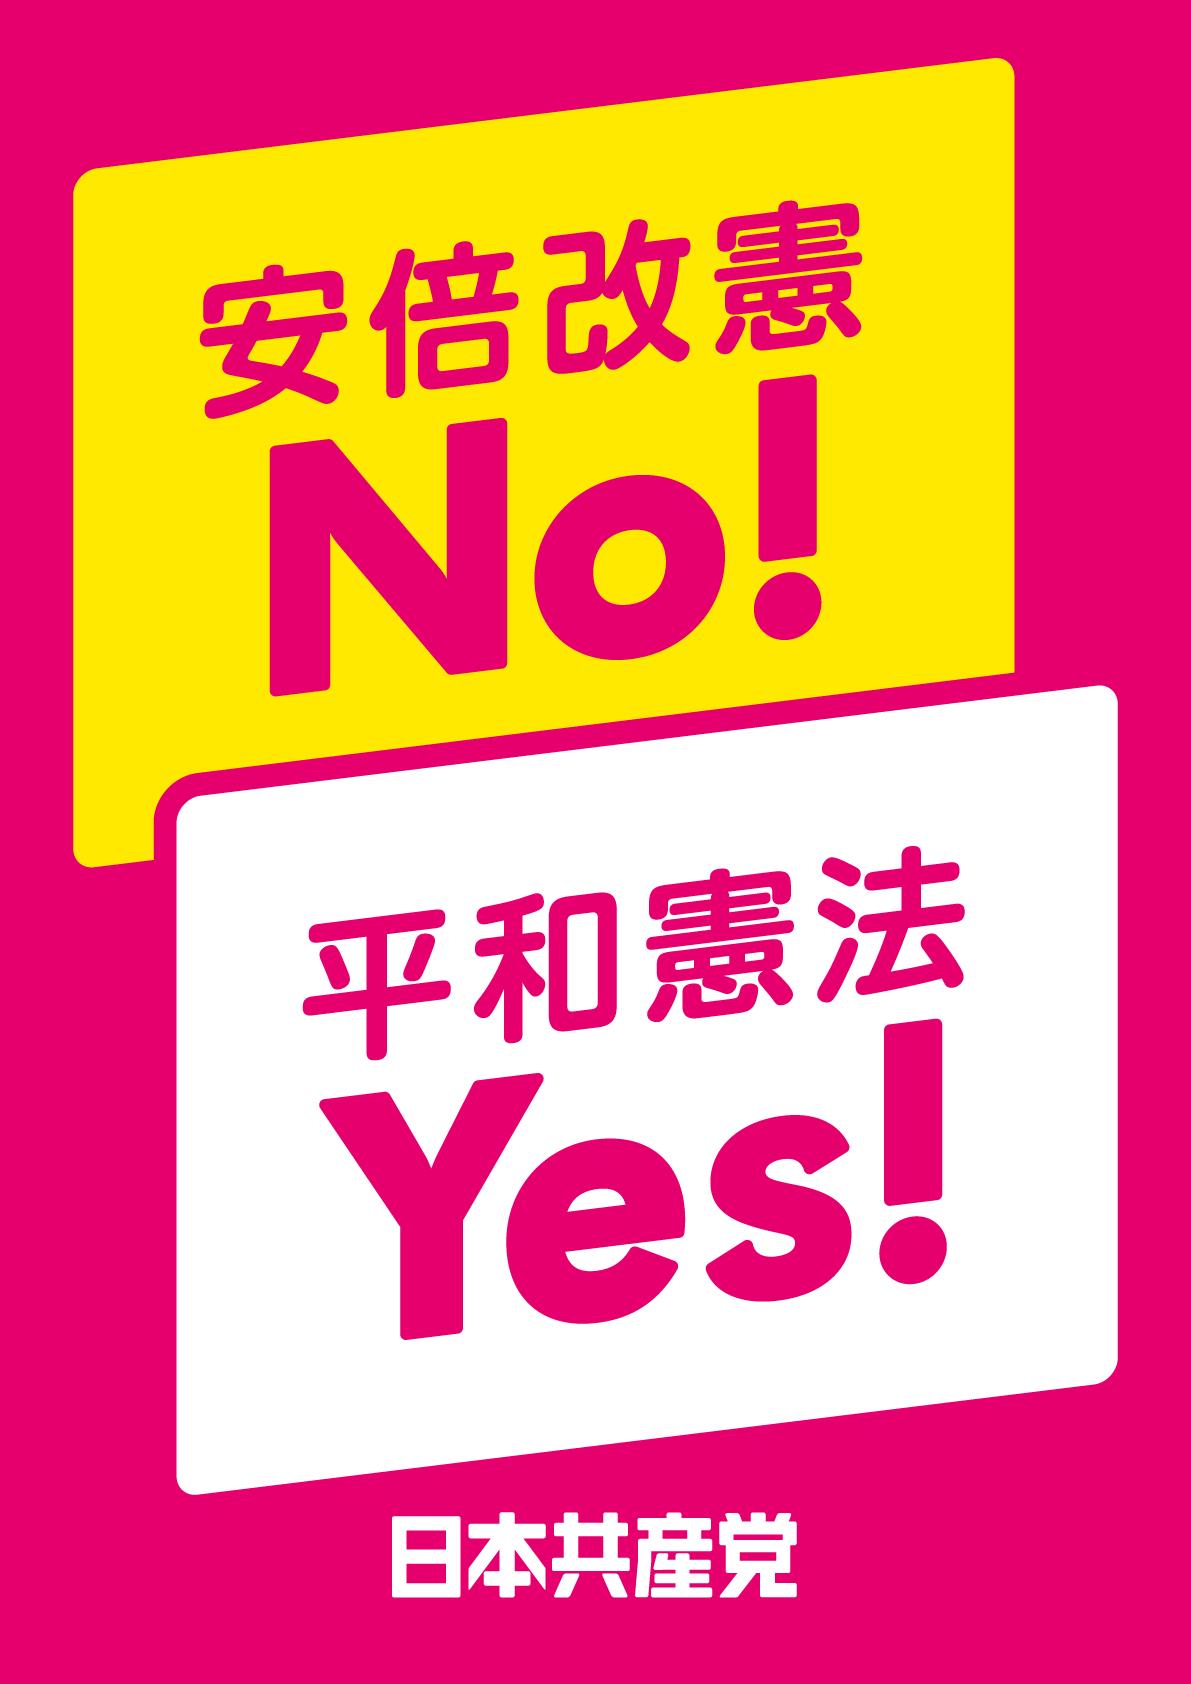 【プラスター】安倍改憲NO! 平和憲法Yes!